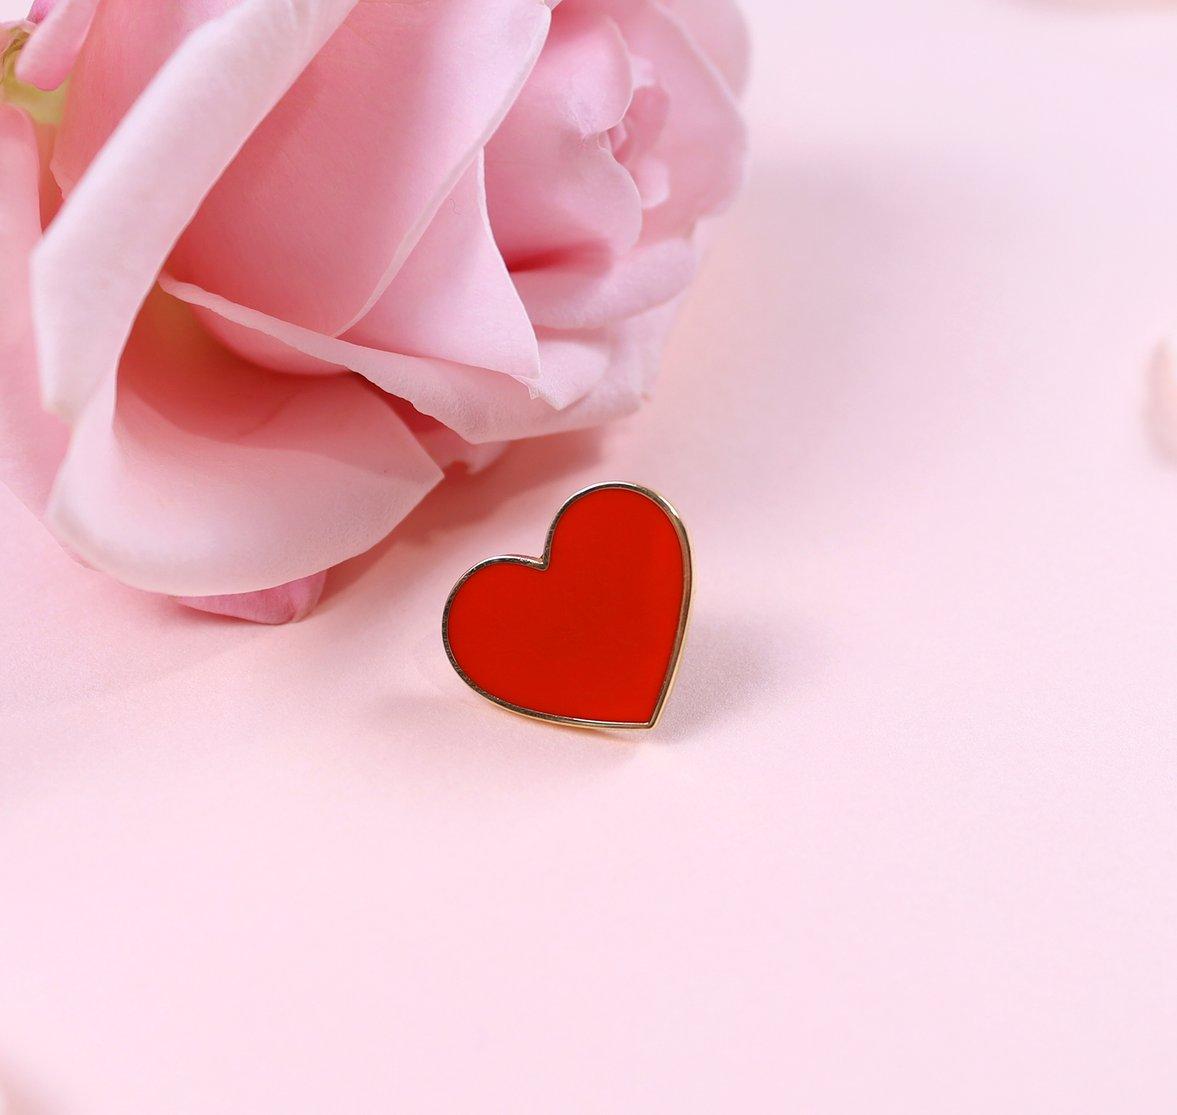 Hart speldje 'With love'